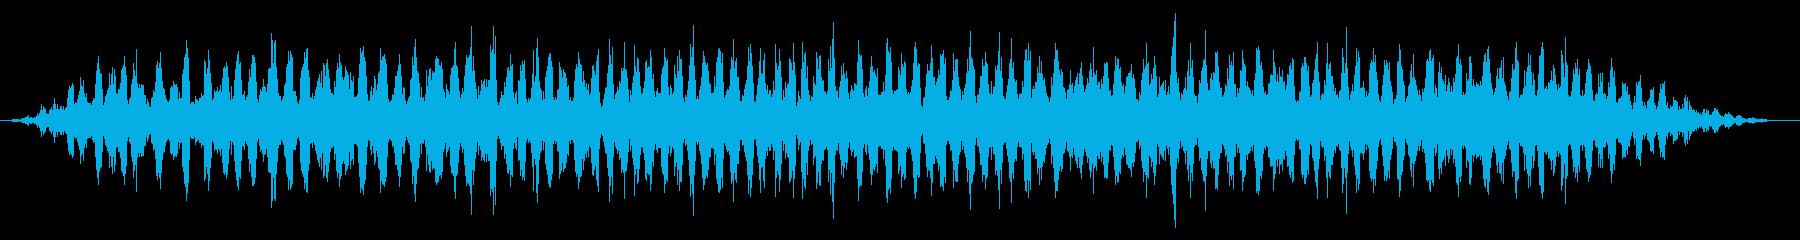 カエル/田舎/梅雨(20秒Ver.)の再生済みの波形